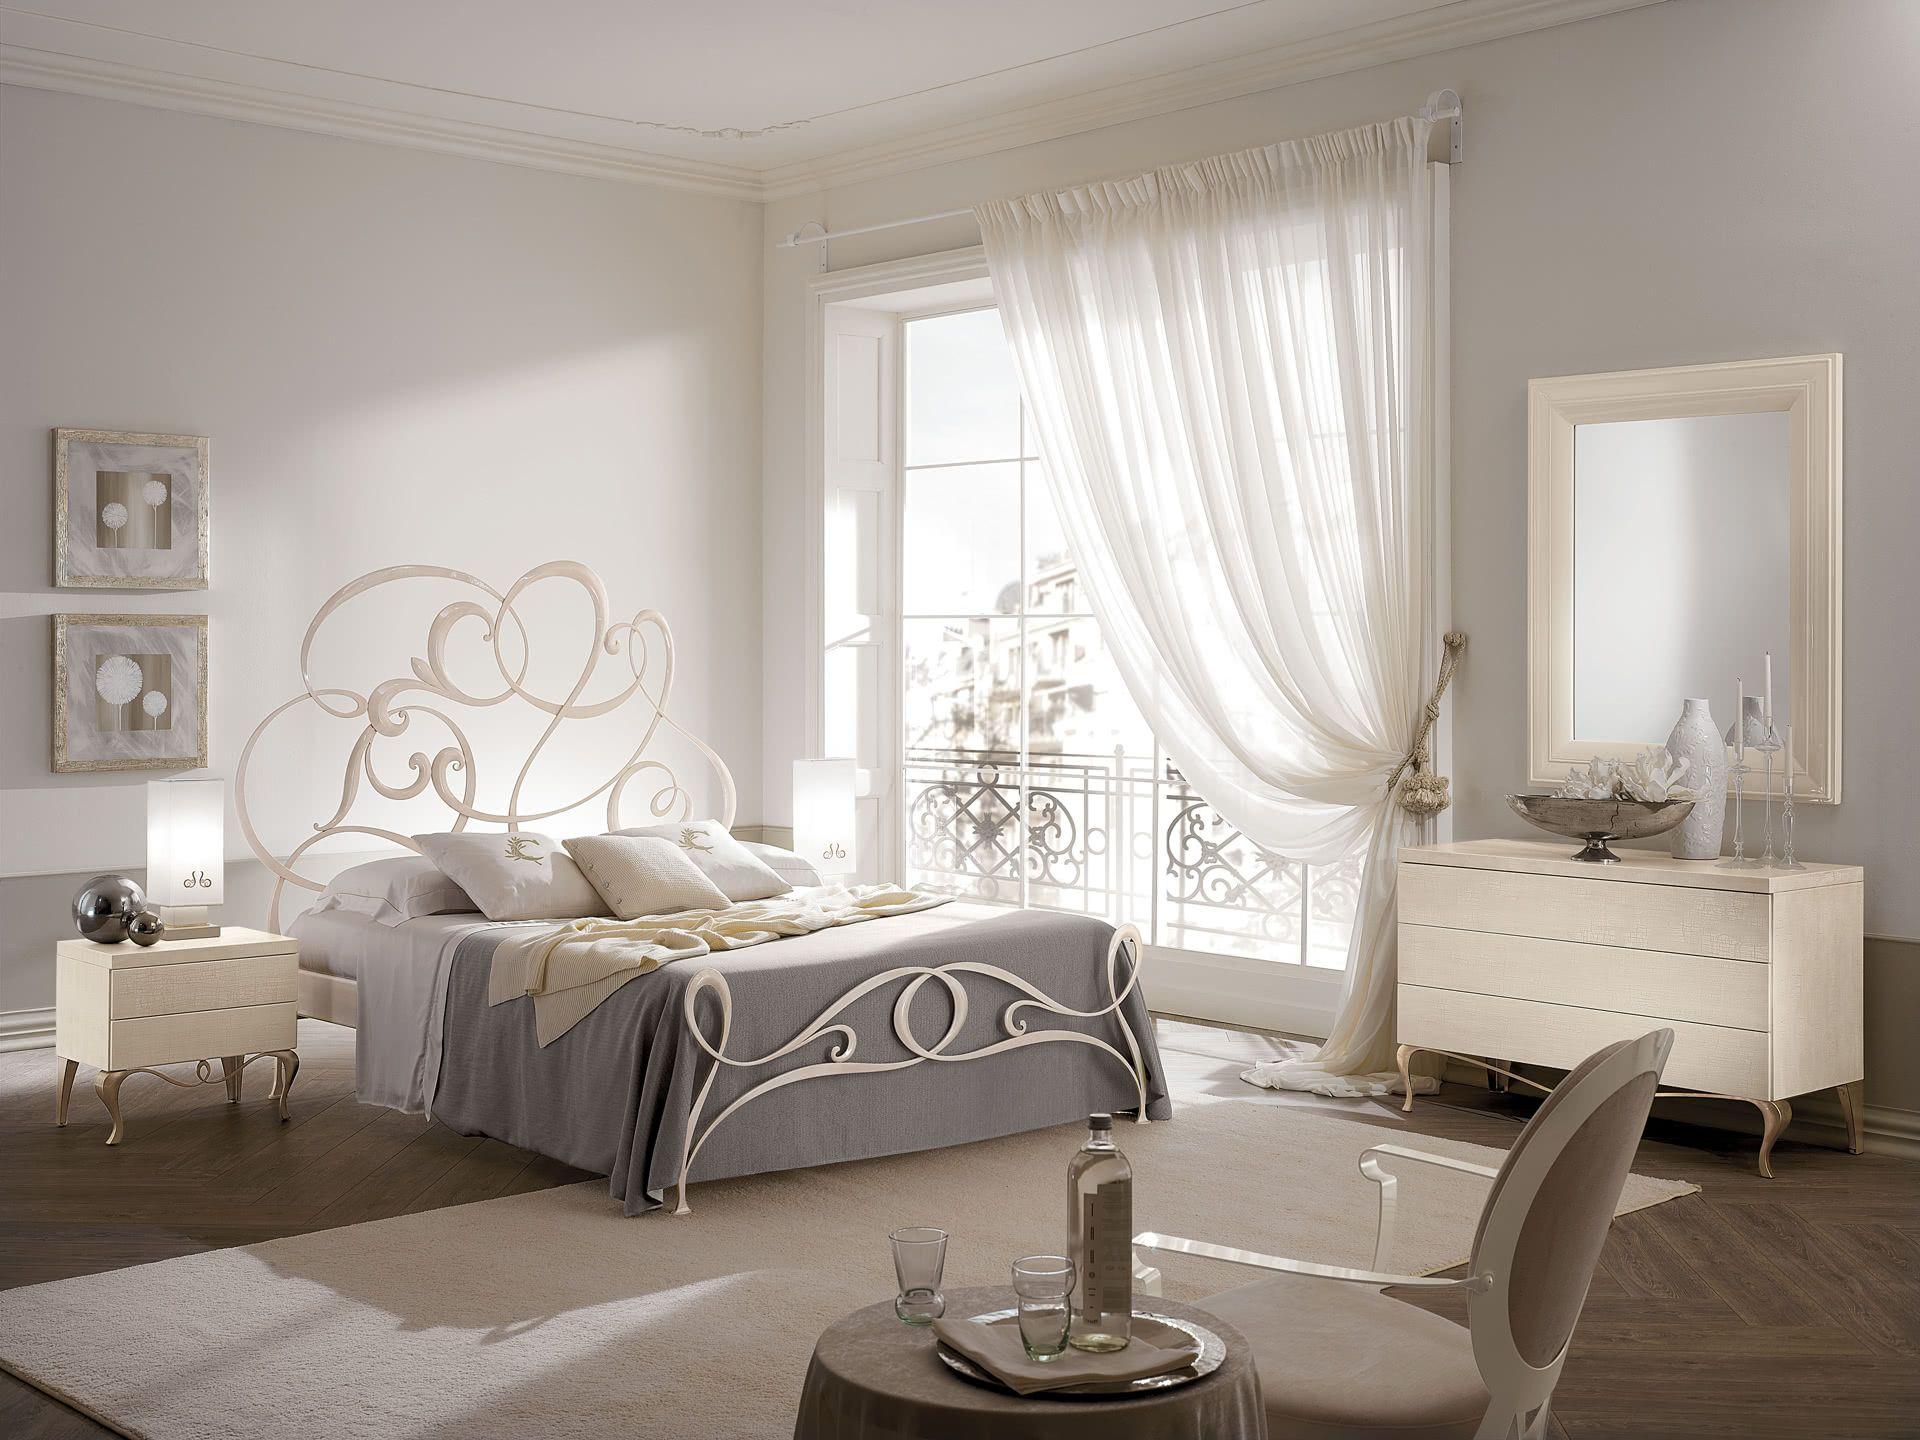 Cantori Camere Da Letto.Gabriel Cantori Camera Da Letto Nel 2019 Bedroom Furniture